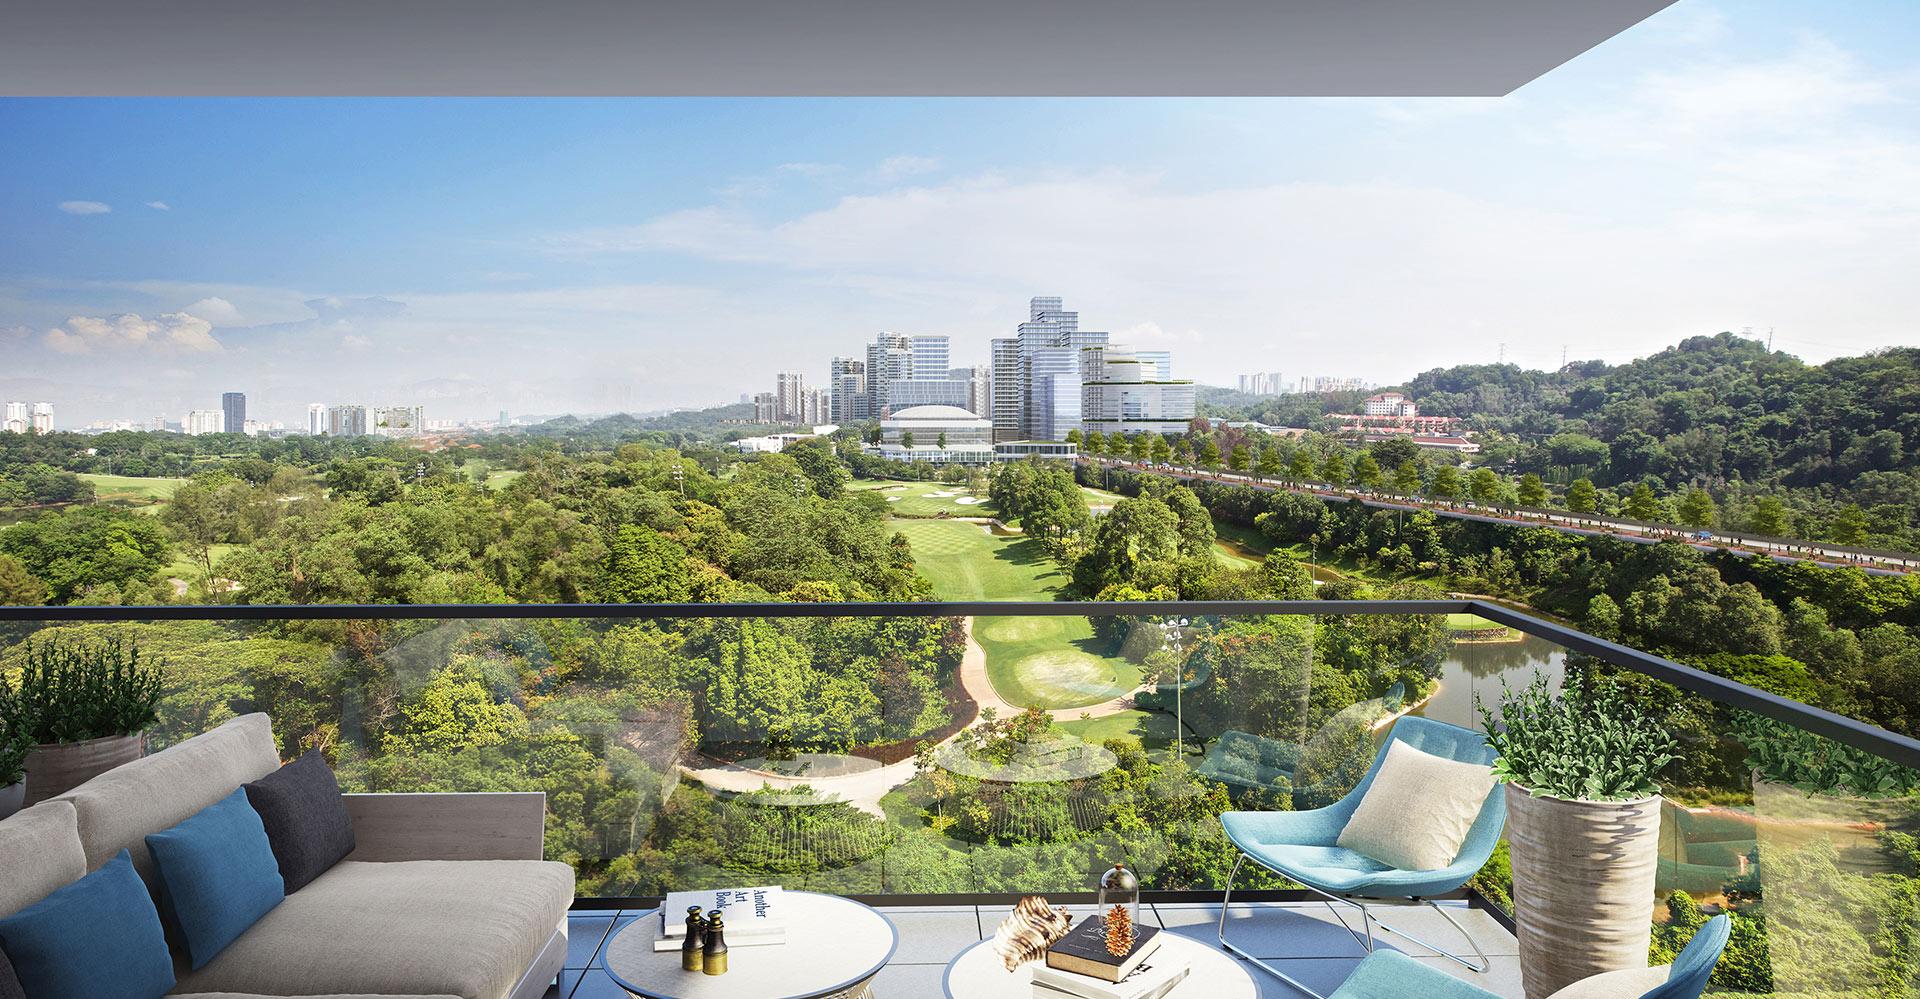 KLGCC Urban Resort Golf - Iskandar Malaysia WATG view stadium